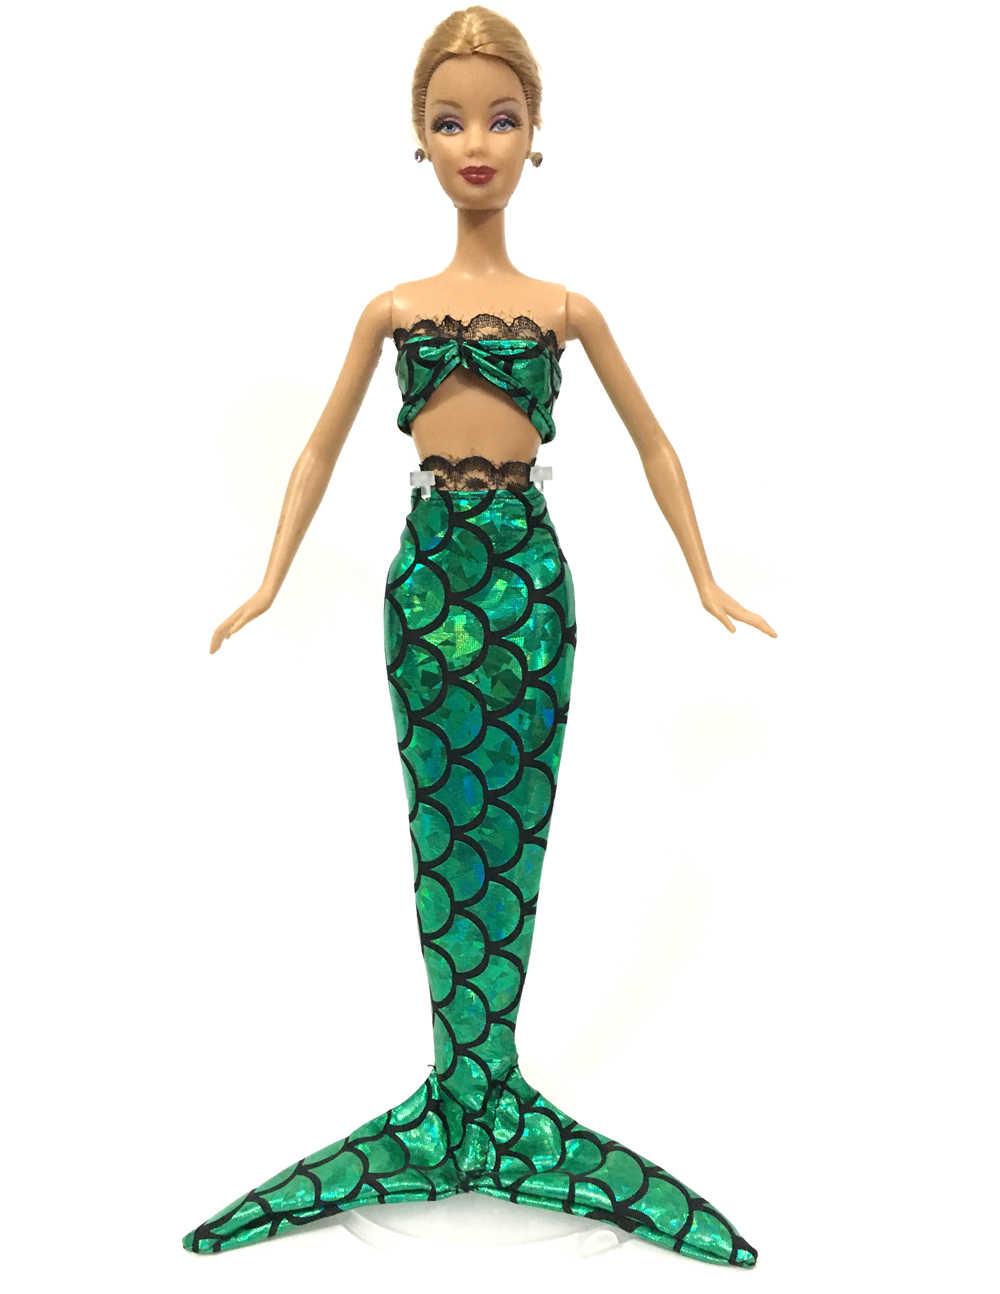 NK 2 компл./лот сказочная принцесса Русалка Кукла платье хвост русалки для куклы Барби ребенок любимый подарок лучшая кукла девушки